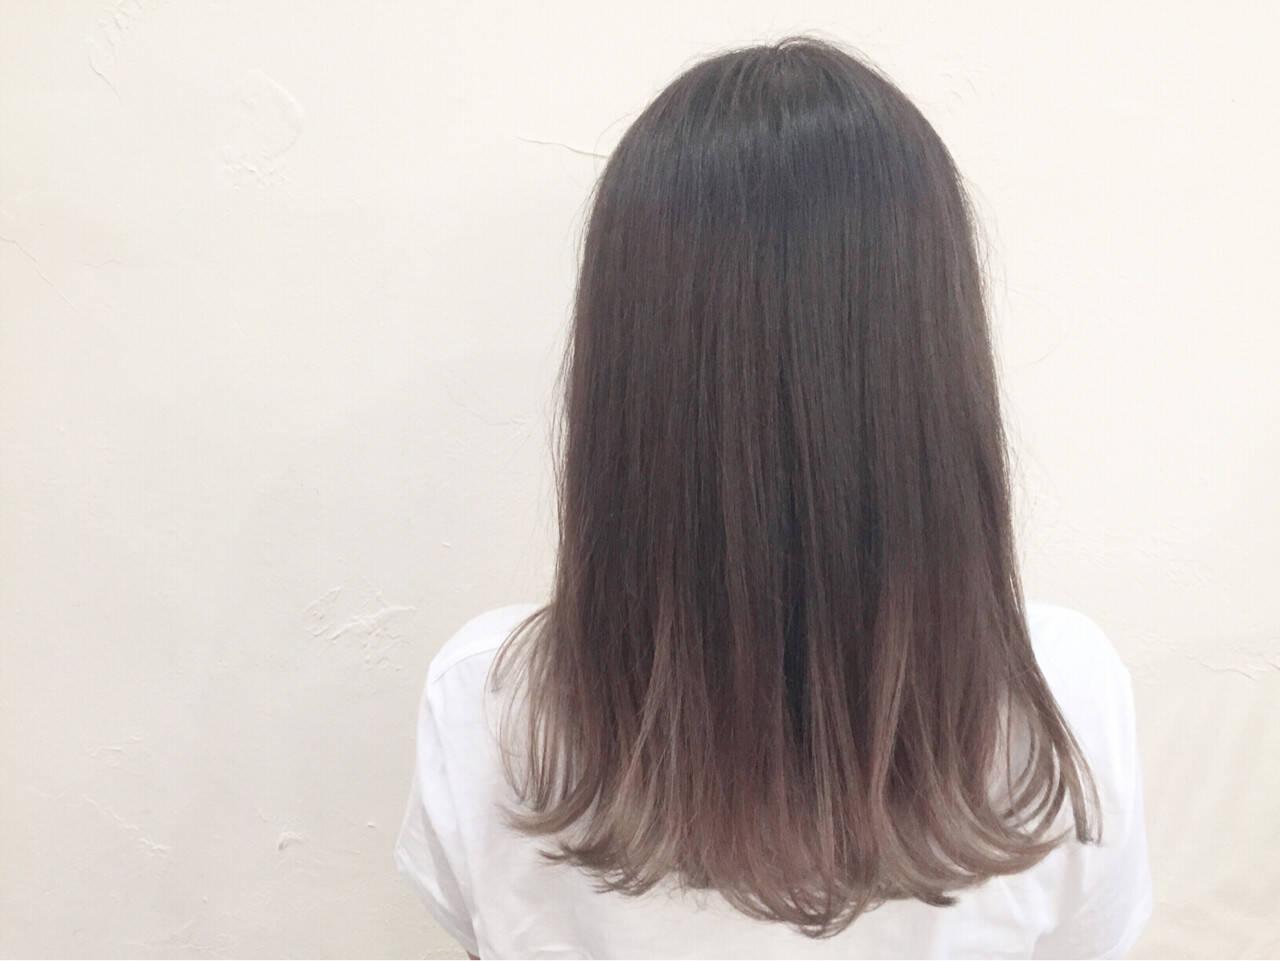 グラデーションカラー ミディアム アッシュ ハイライトヘアスタイルや髪型の写真・画像